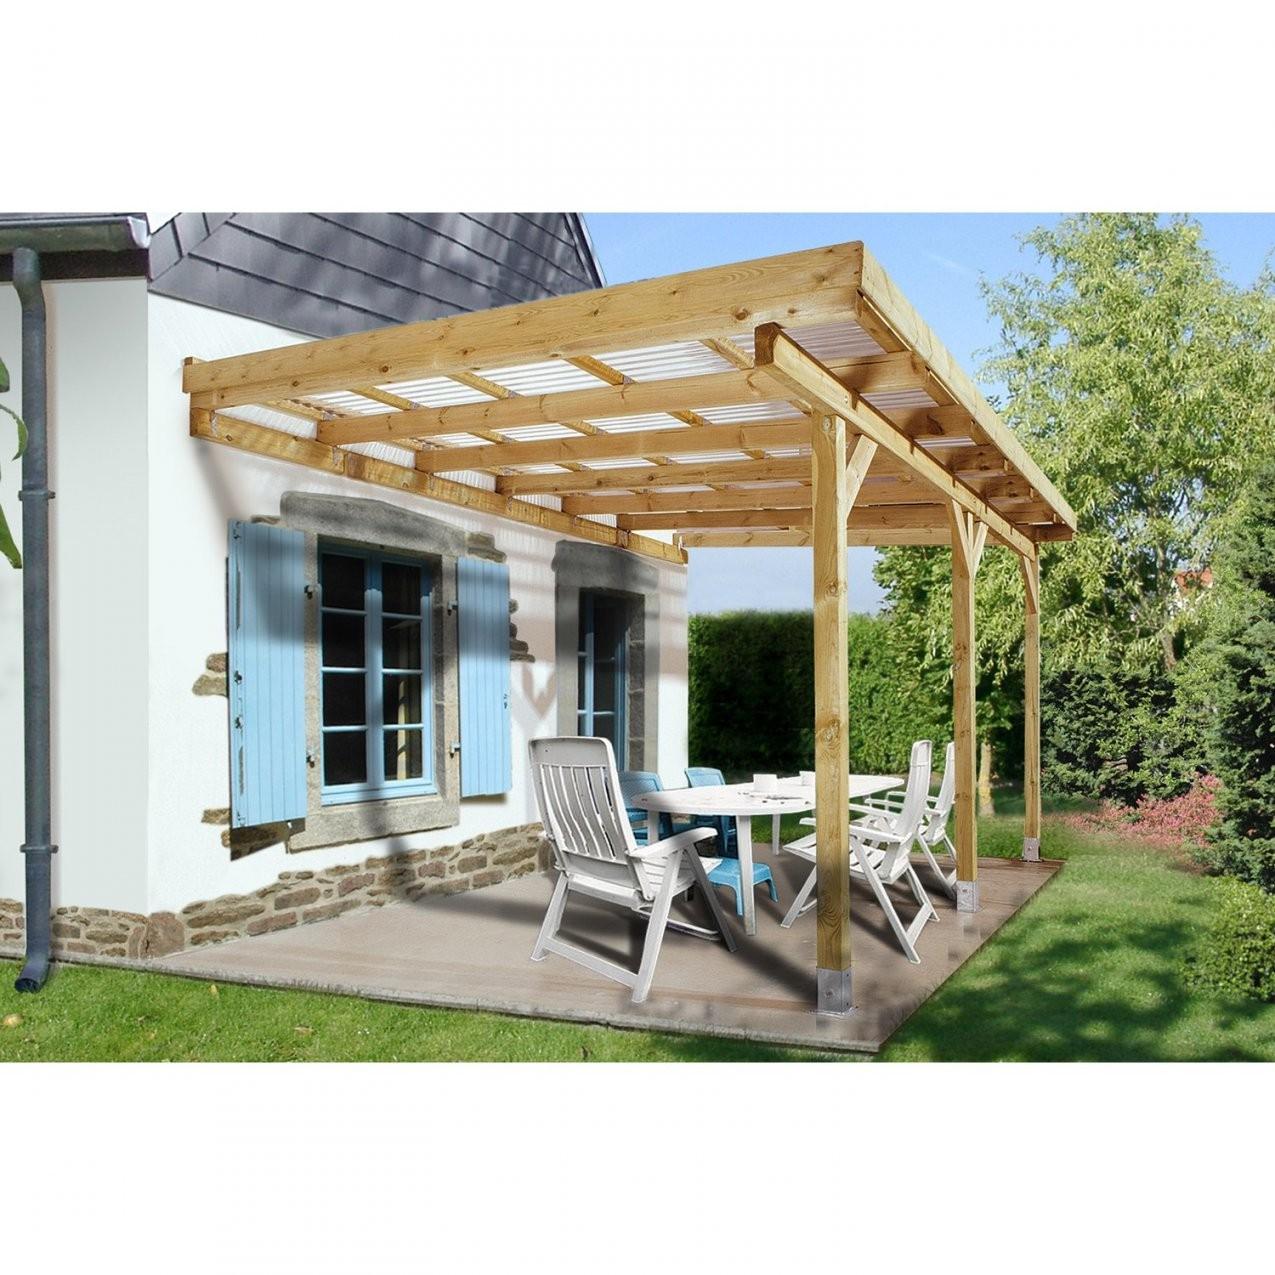 Terrassenüberdachung Online Kaufen Bei Obi von Terrassenüberdachung Selber Bauen Video Photo